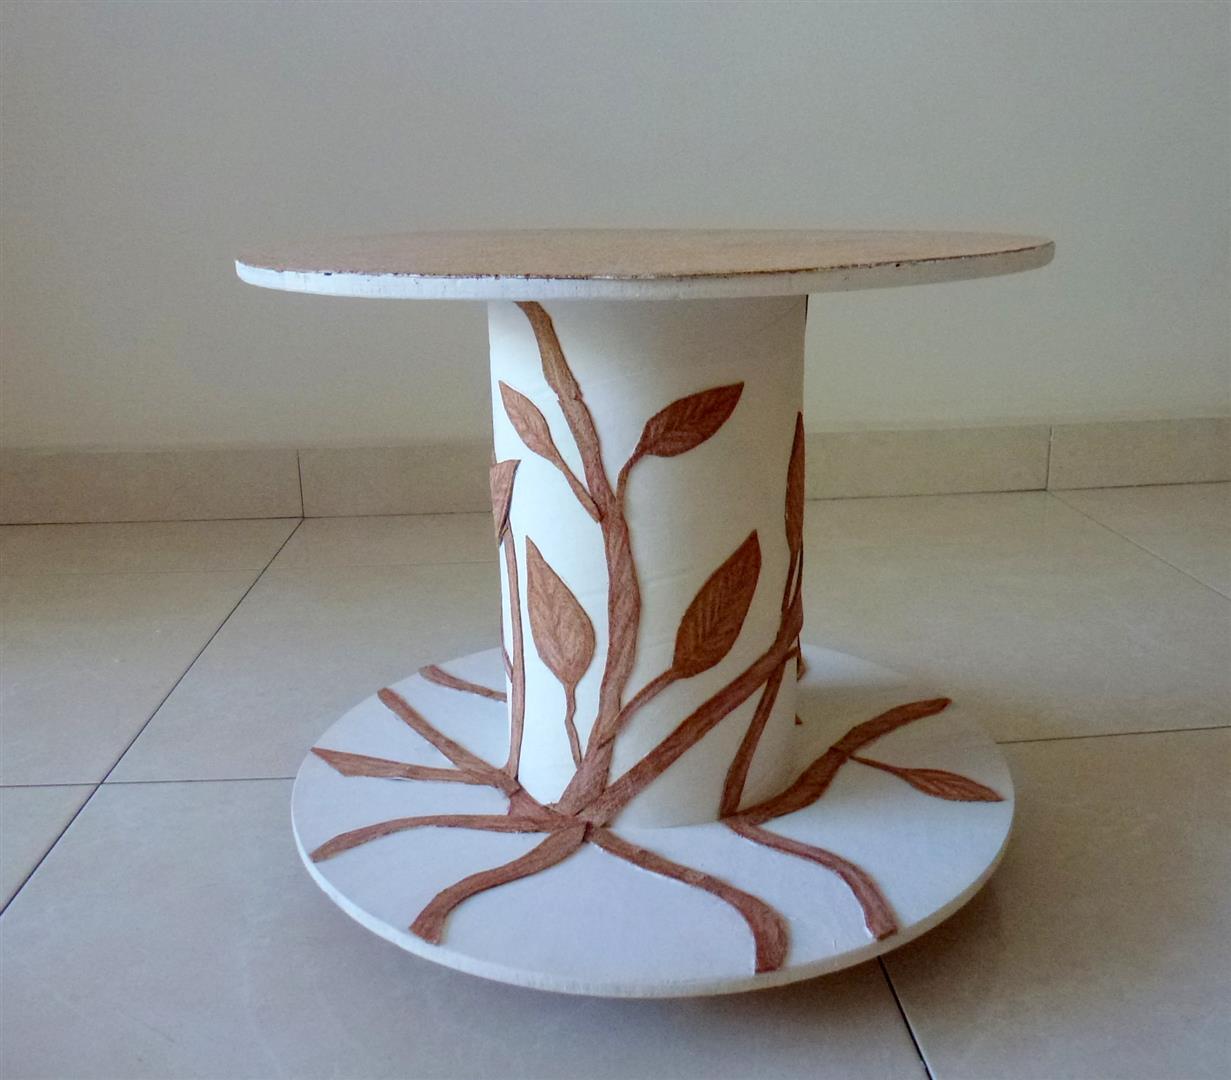 גליל עץ ישן של חוטי חשמל שהפך לשולחן נייד לשימוש חוזר